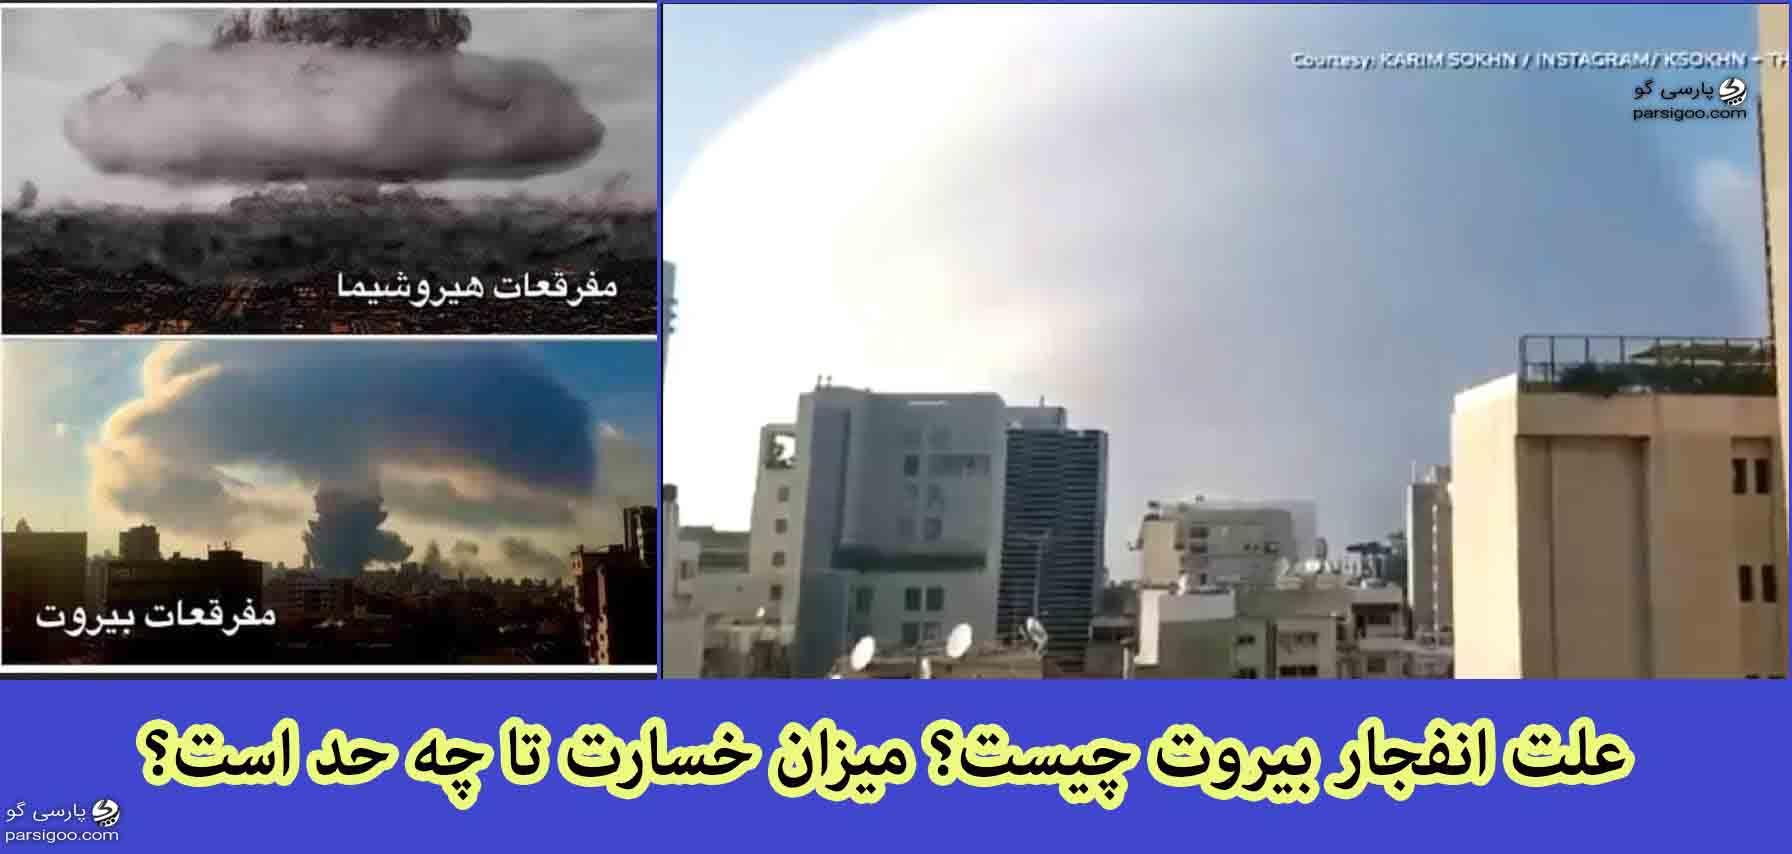 علت انفجار بیروت